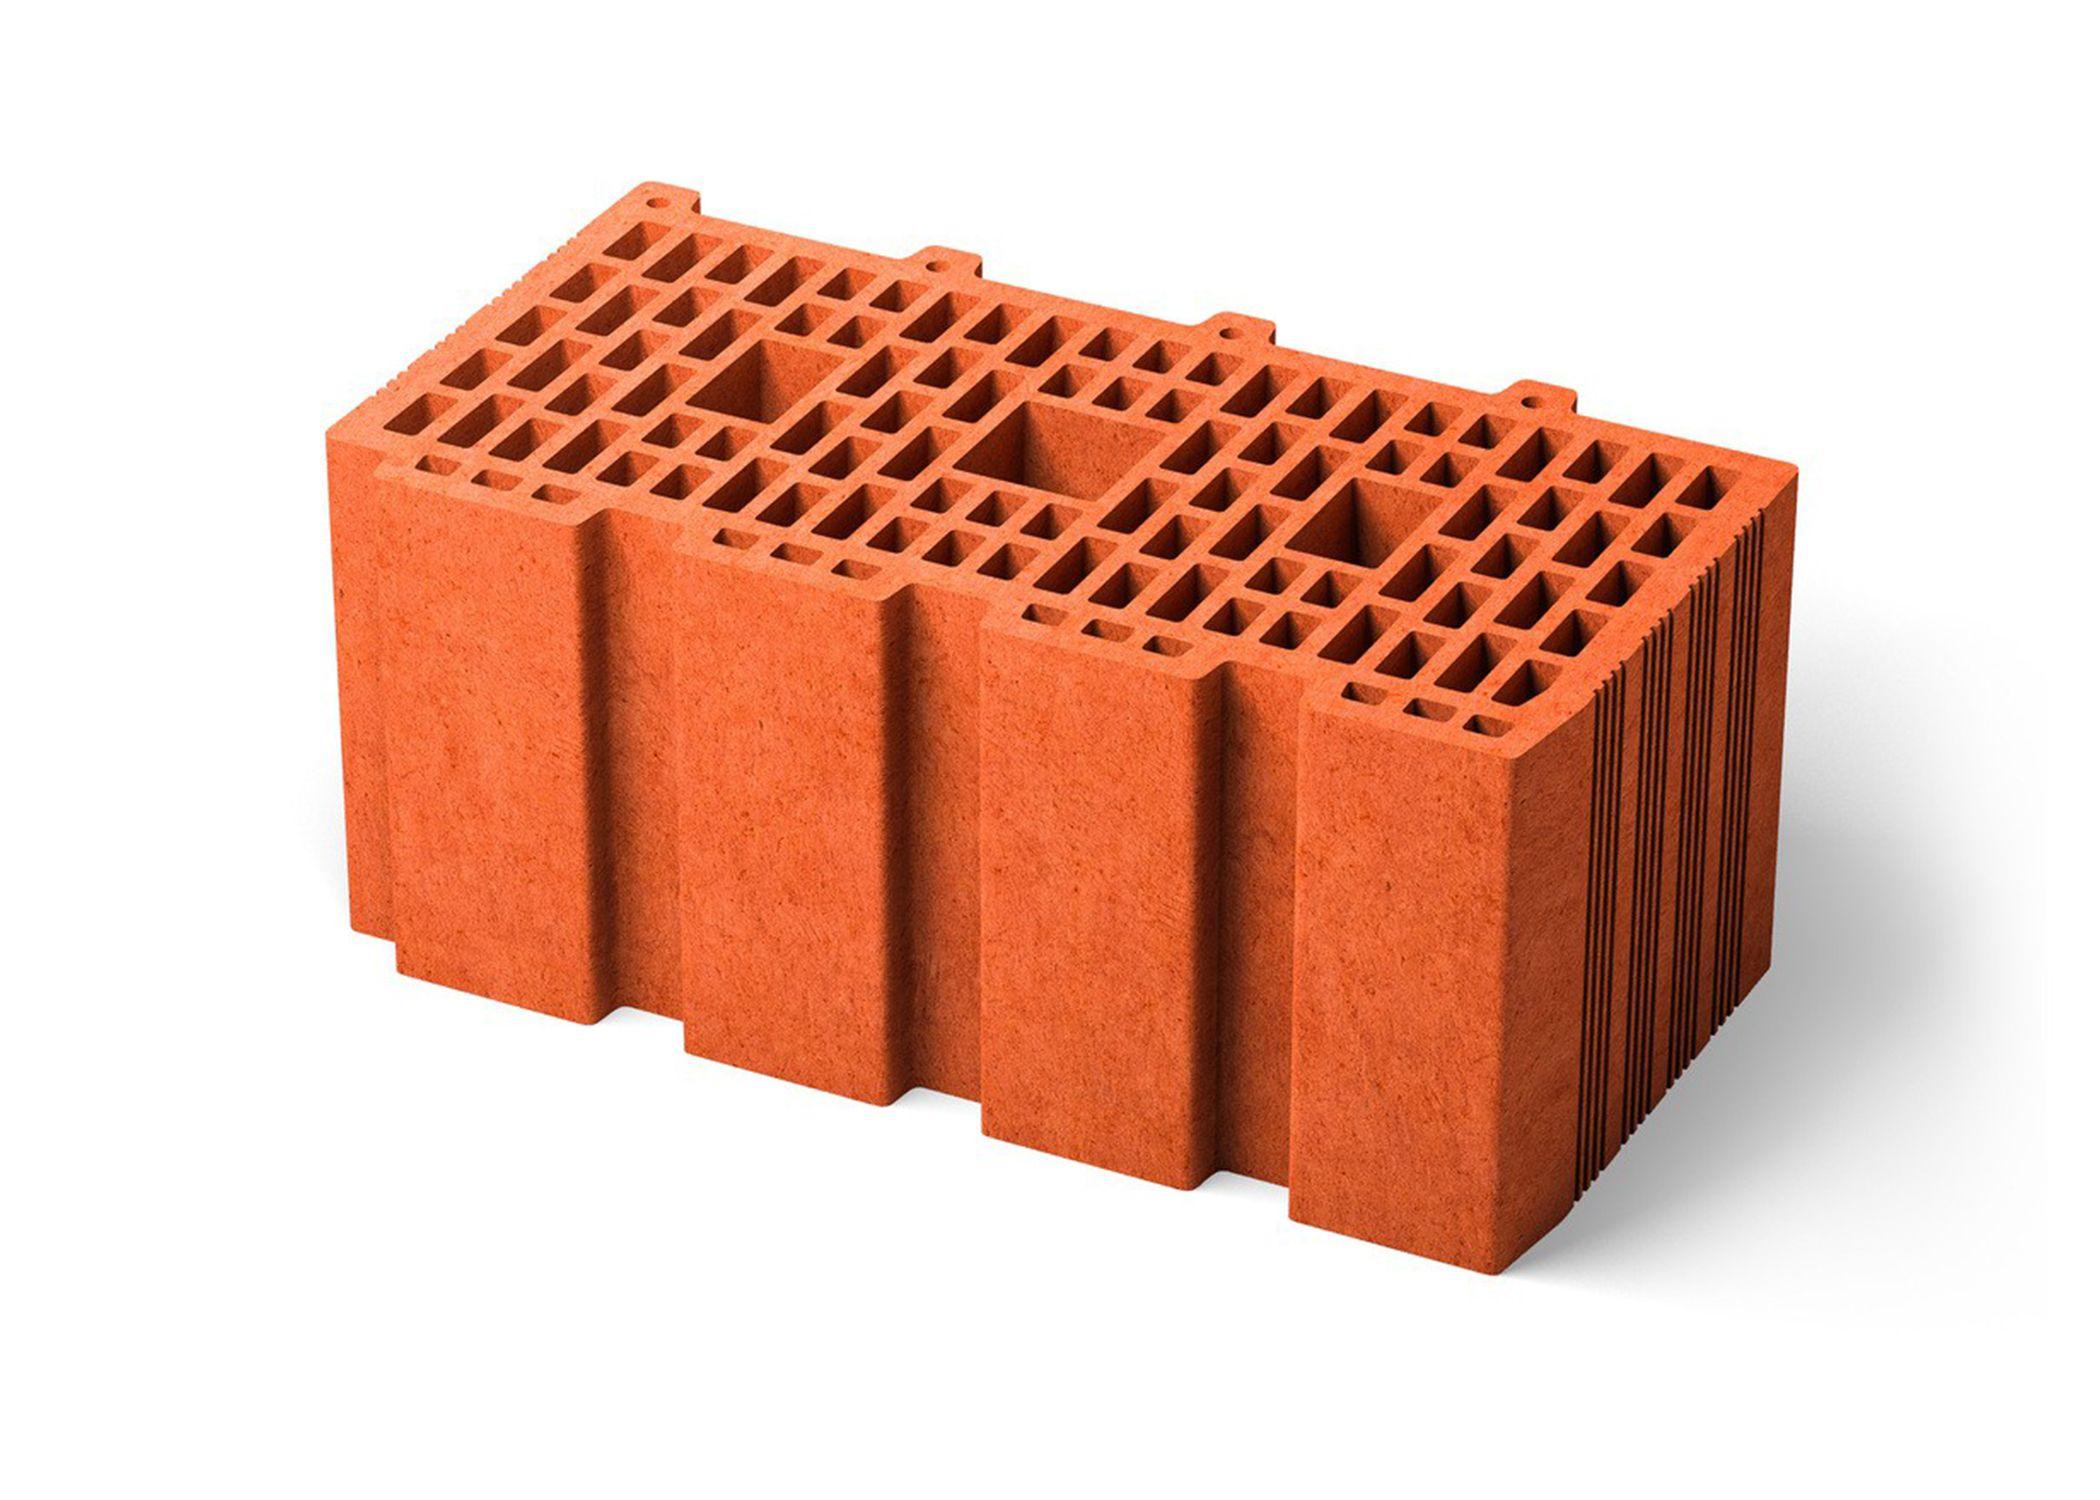 видом керамические блоки картинки хочу